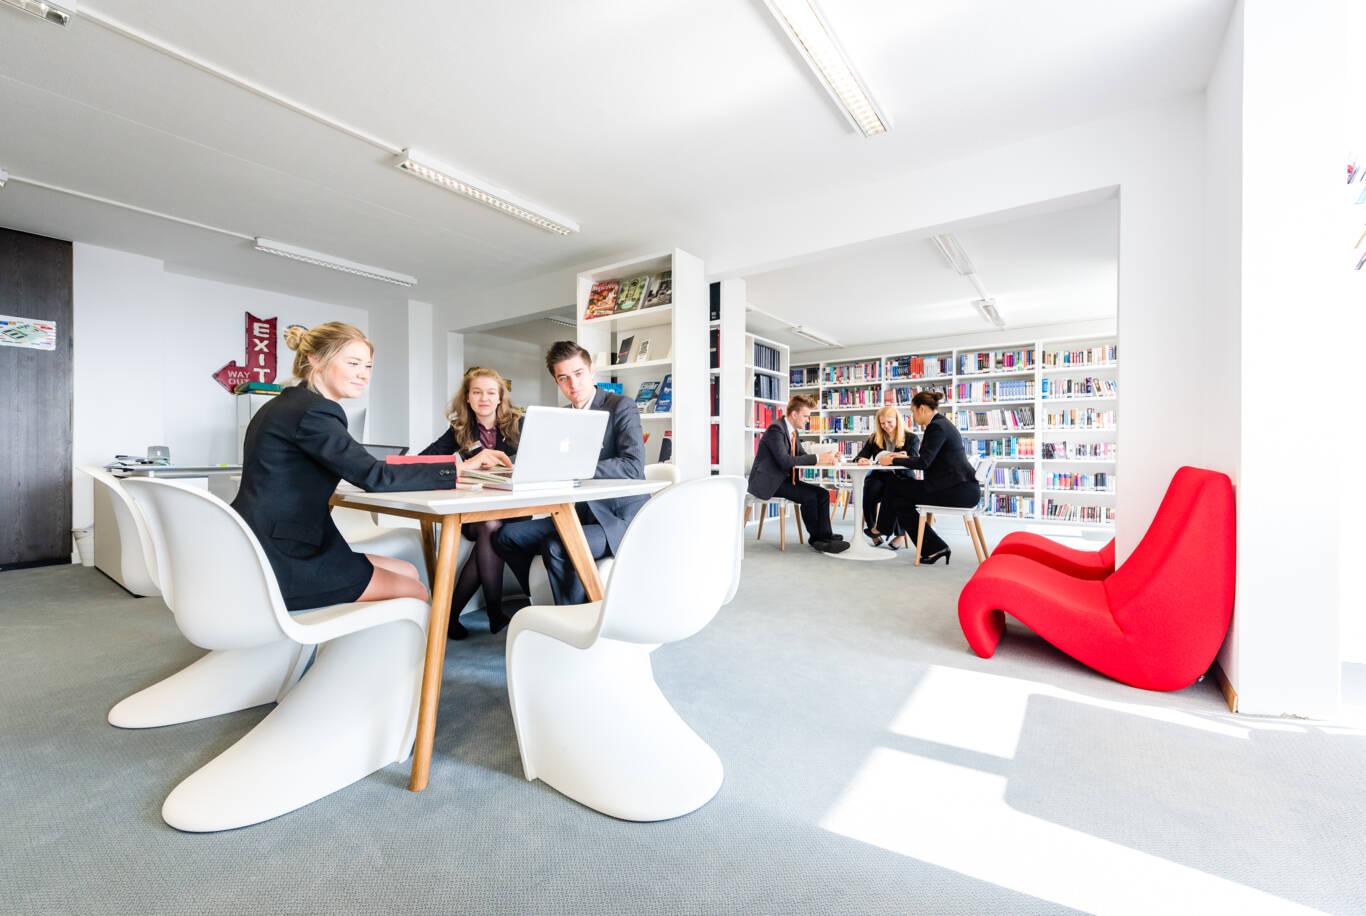 IHTTI master hospitality design management